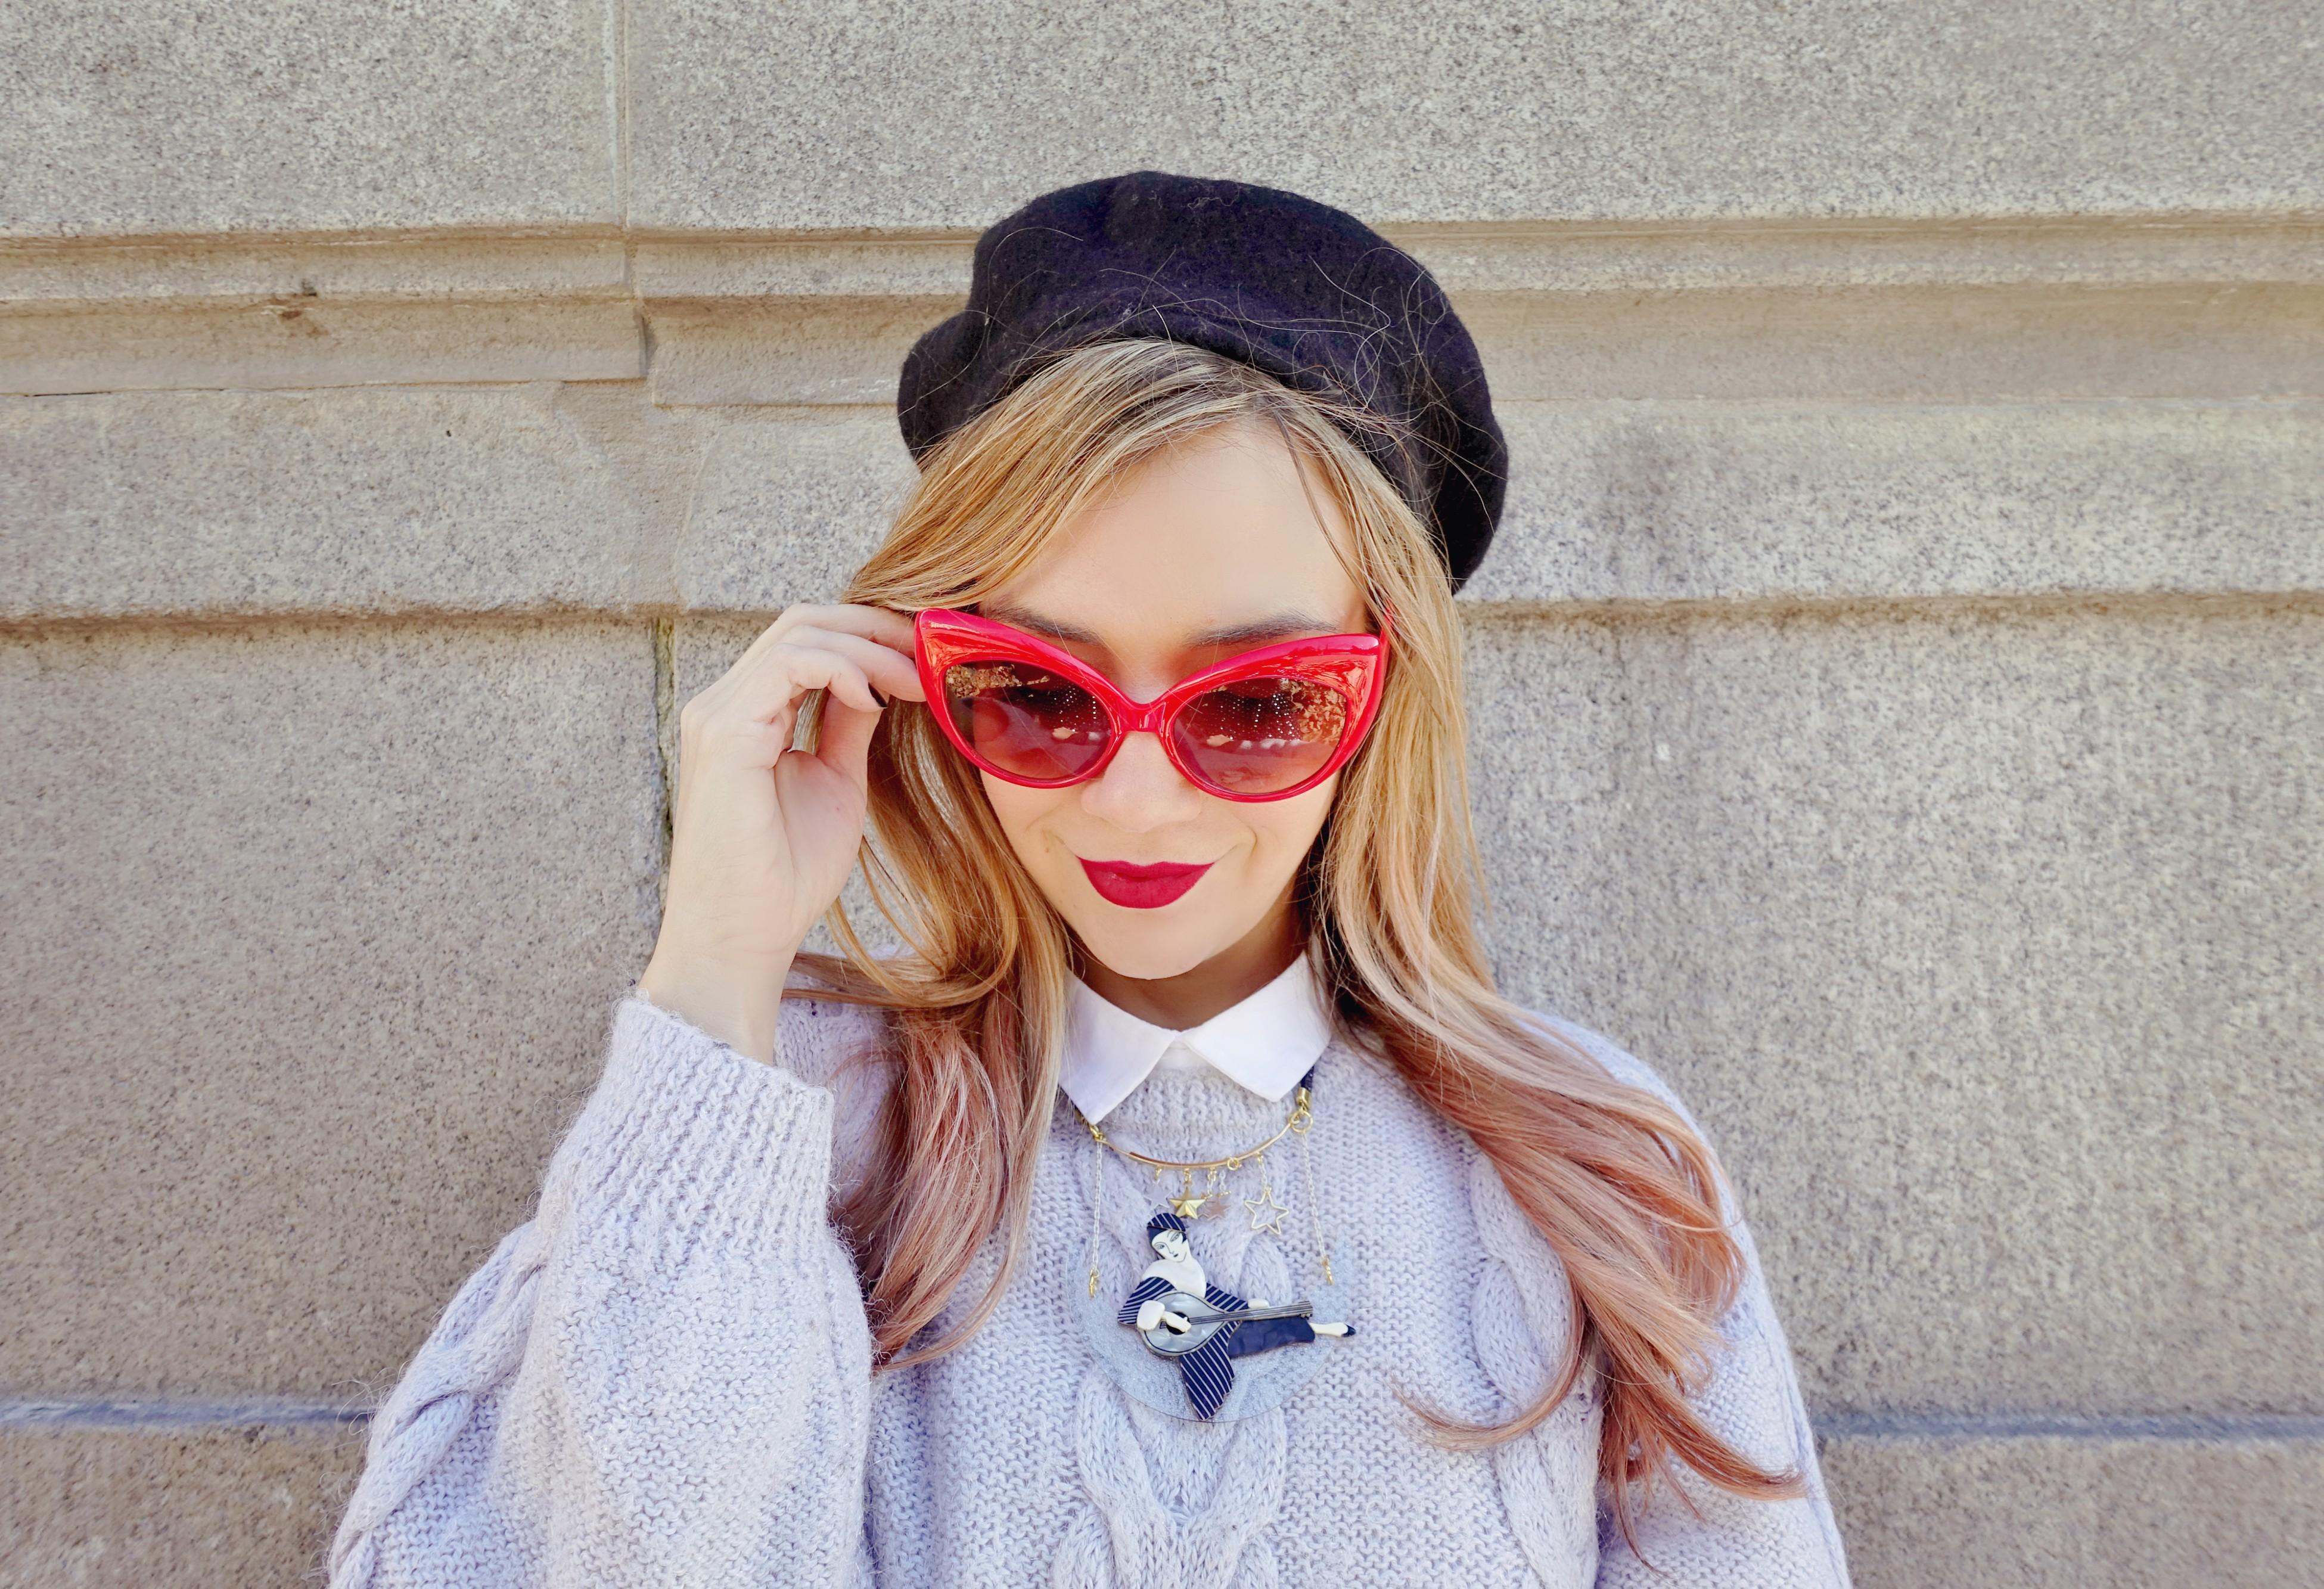 Accesorios-laliblue-blog-de-moda-ChicAdicta-fashionista-retro-look-gafas-vintage-silver-outfit-PiensaenChic-influencer-Piensa-en-Chic